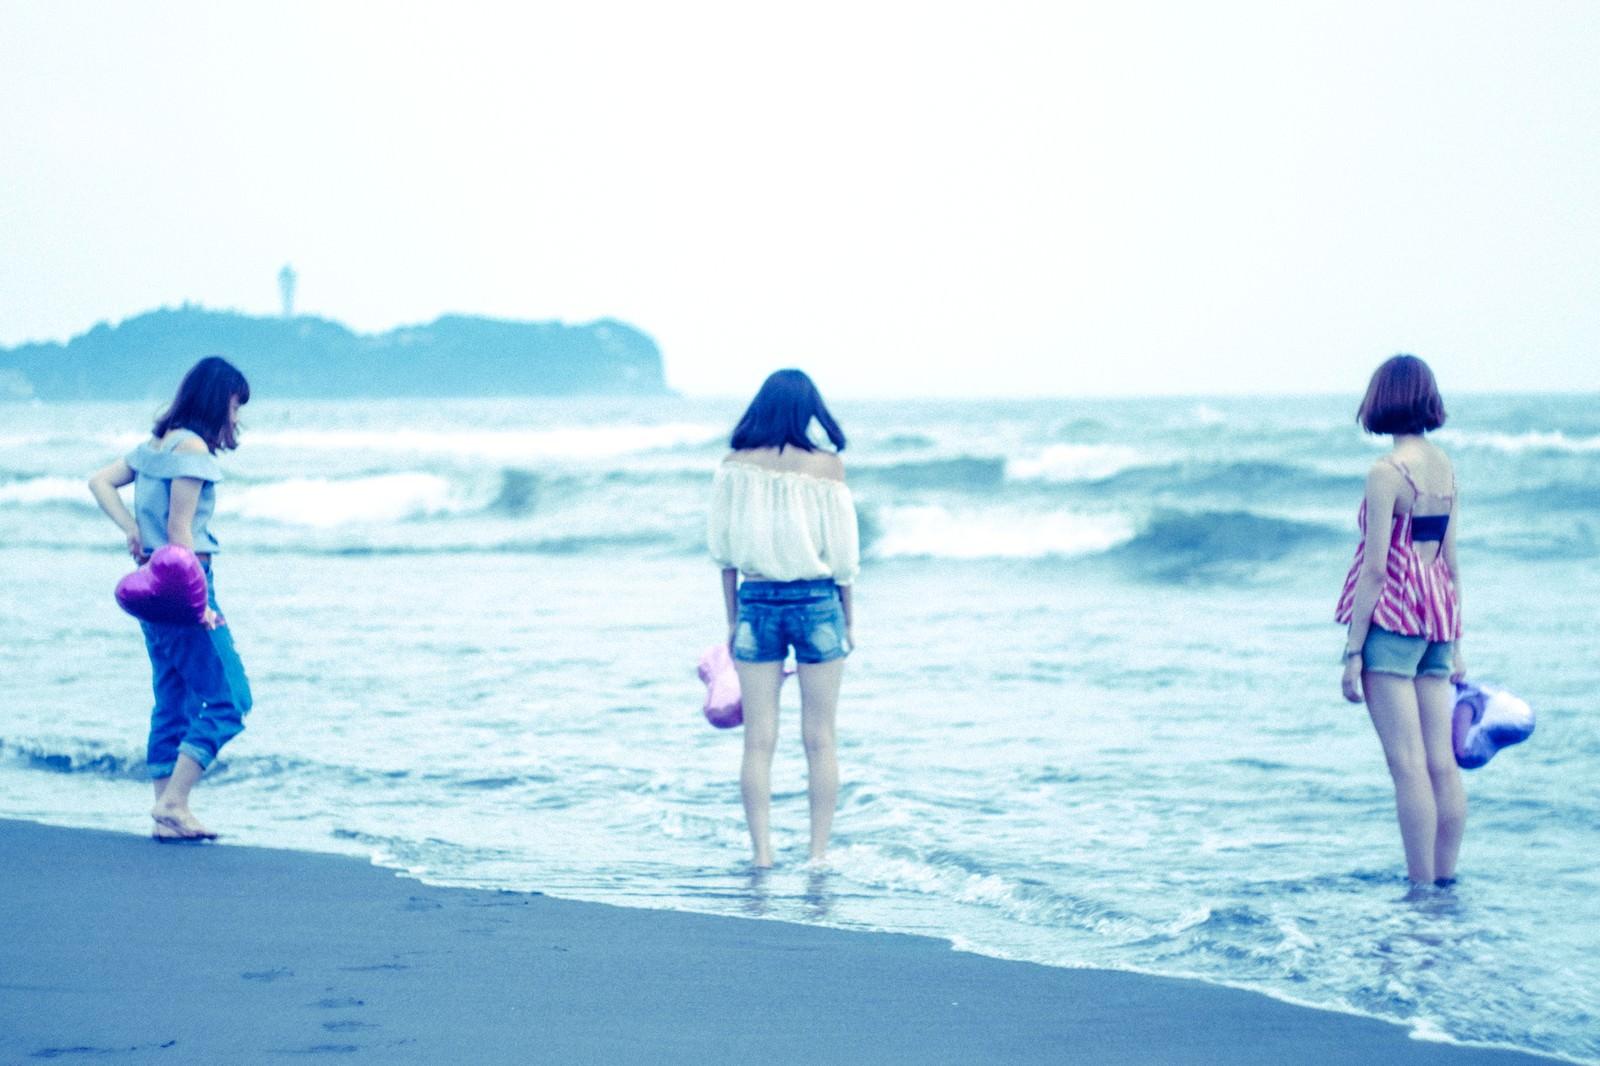 「夏の終わりに女子3人で海に来ました夏の終わりに女子3人で海に来ました」のフリー写真素材を拡大